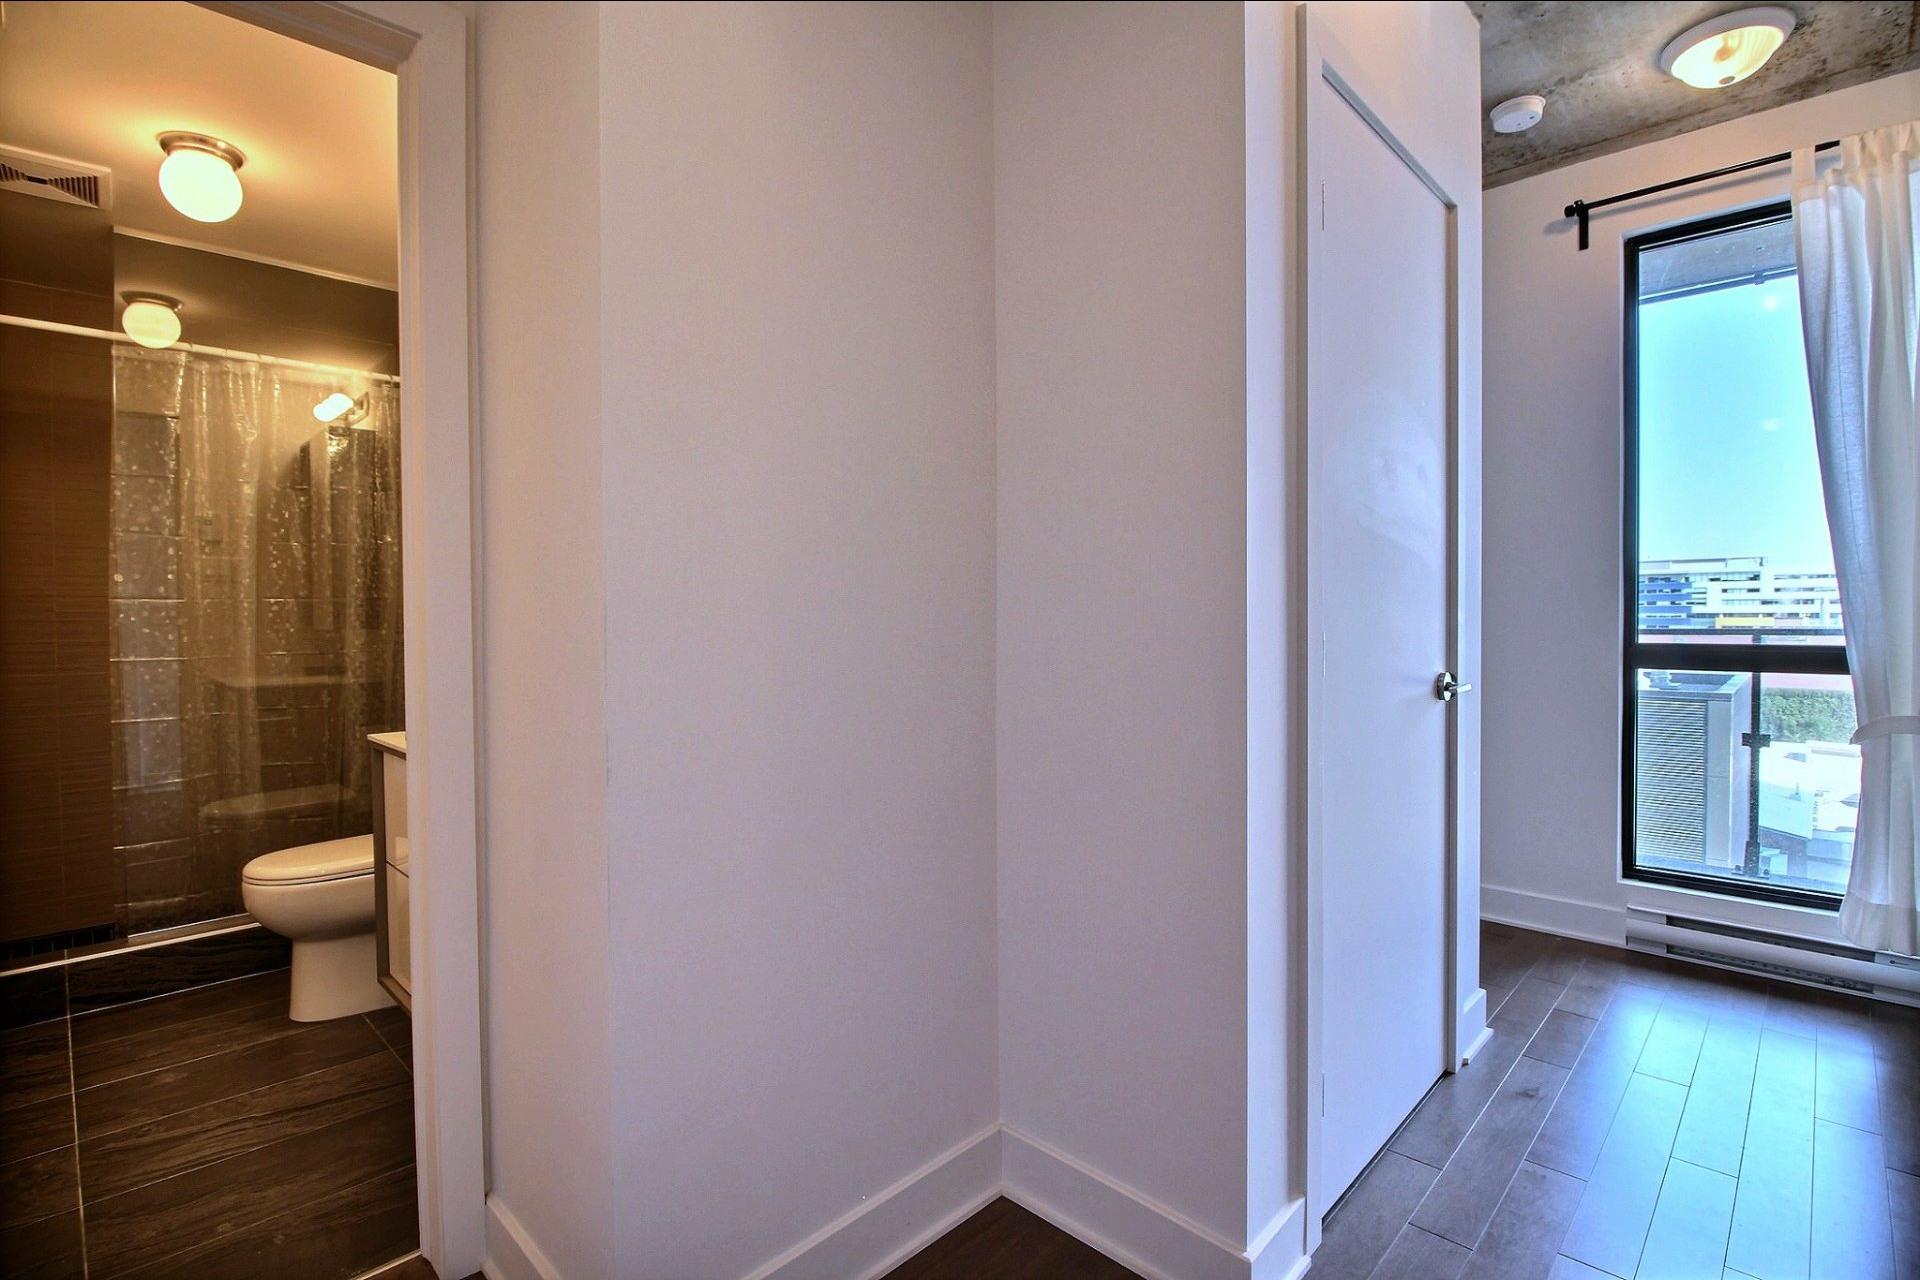 image 8 - Appartement À louer Montréal Le Sud-Ouest  - 6 pièces